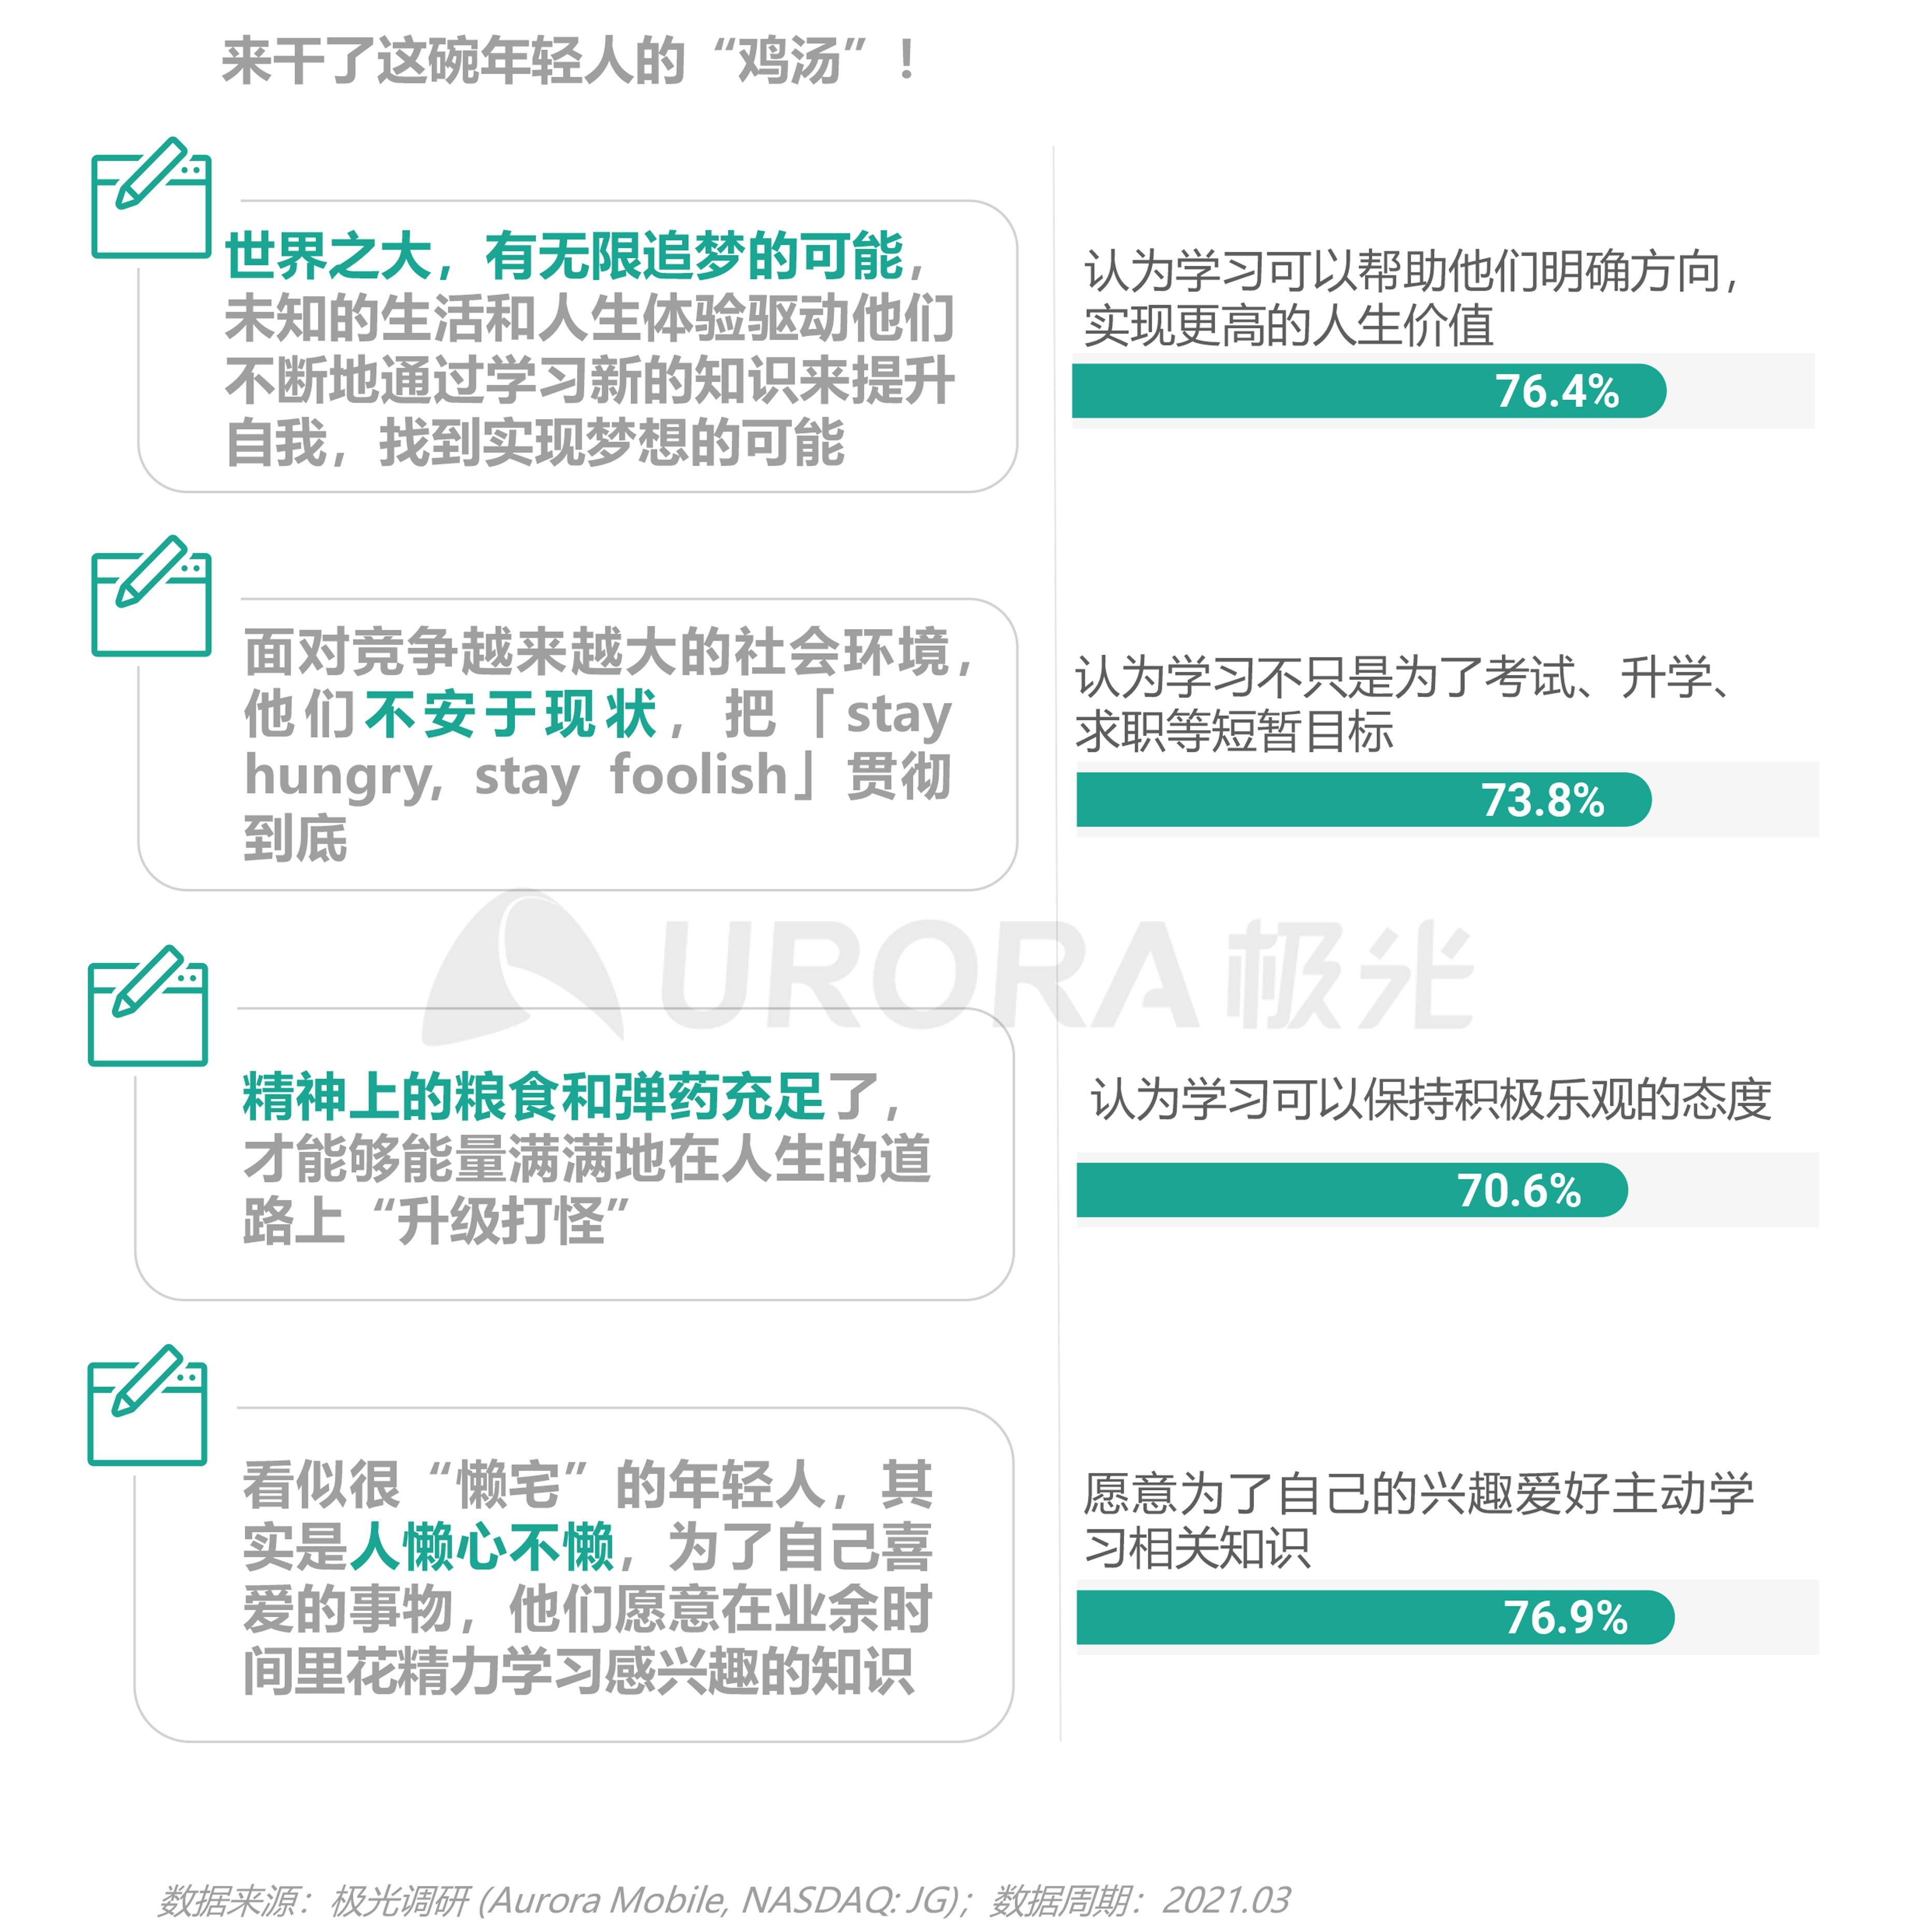 2021年轻人营销趋势研究报告【定稿】-10.png